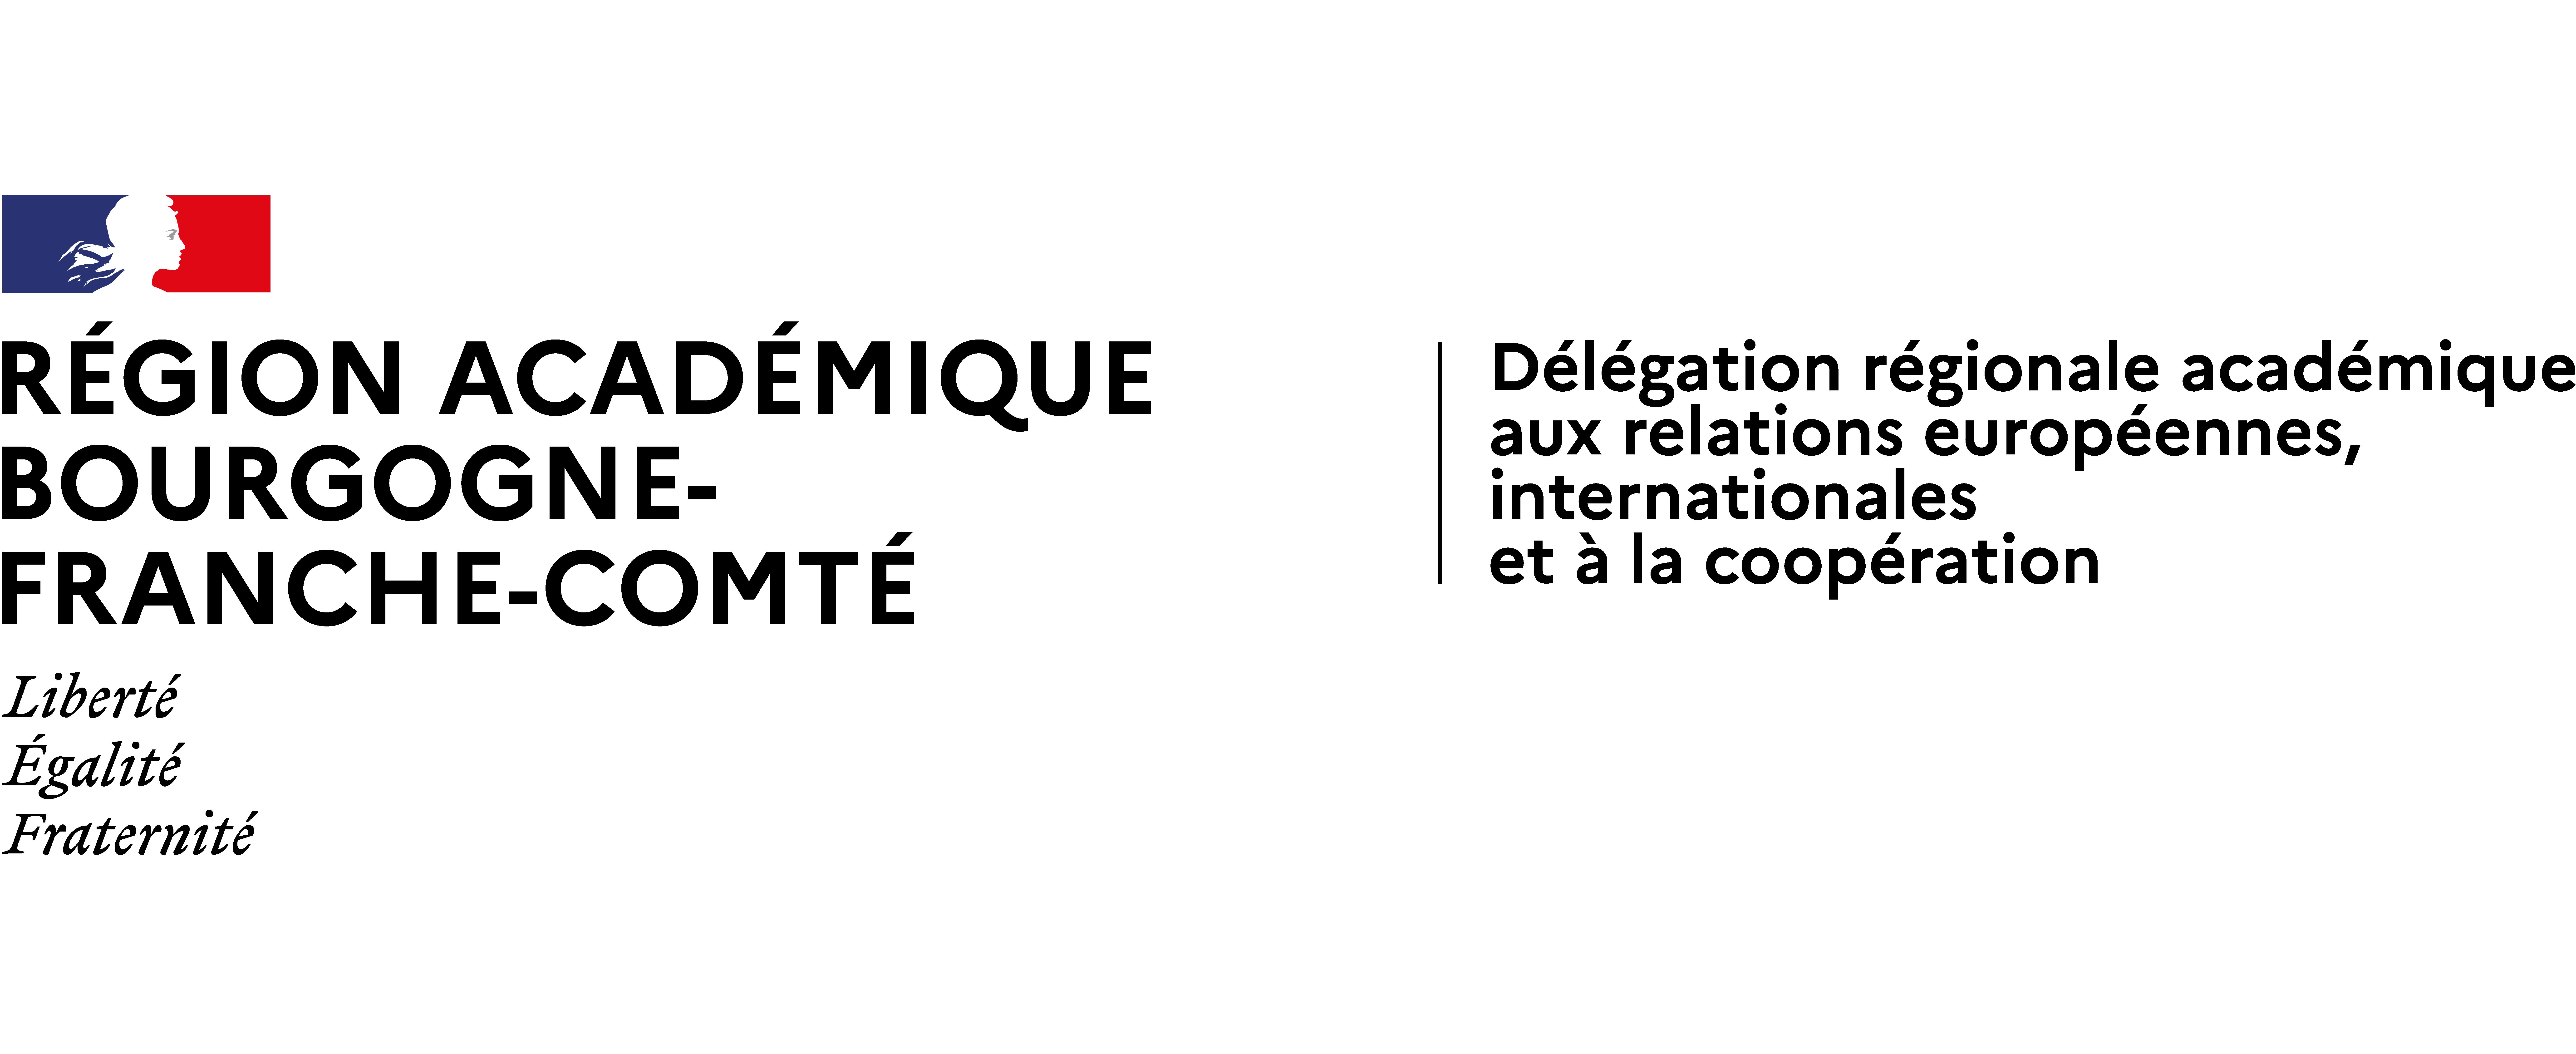 DRAREIC